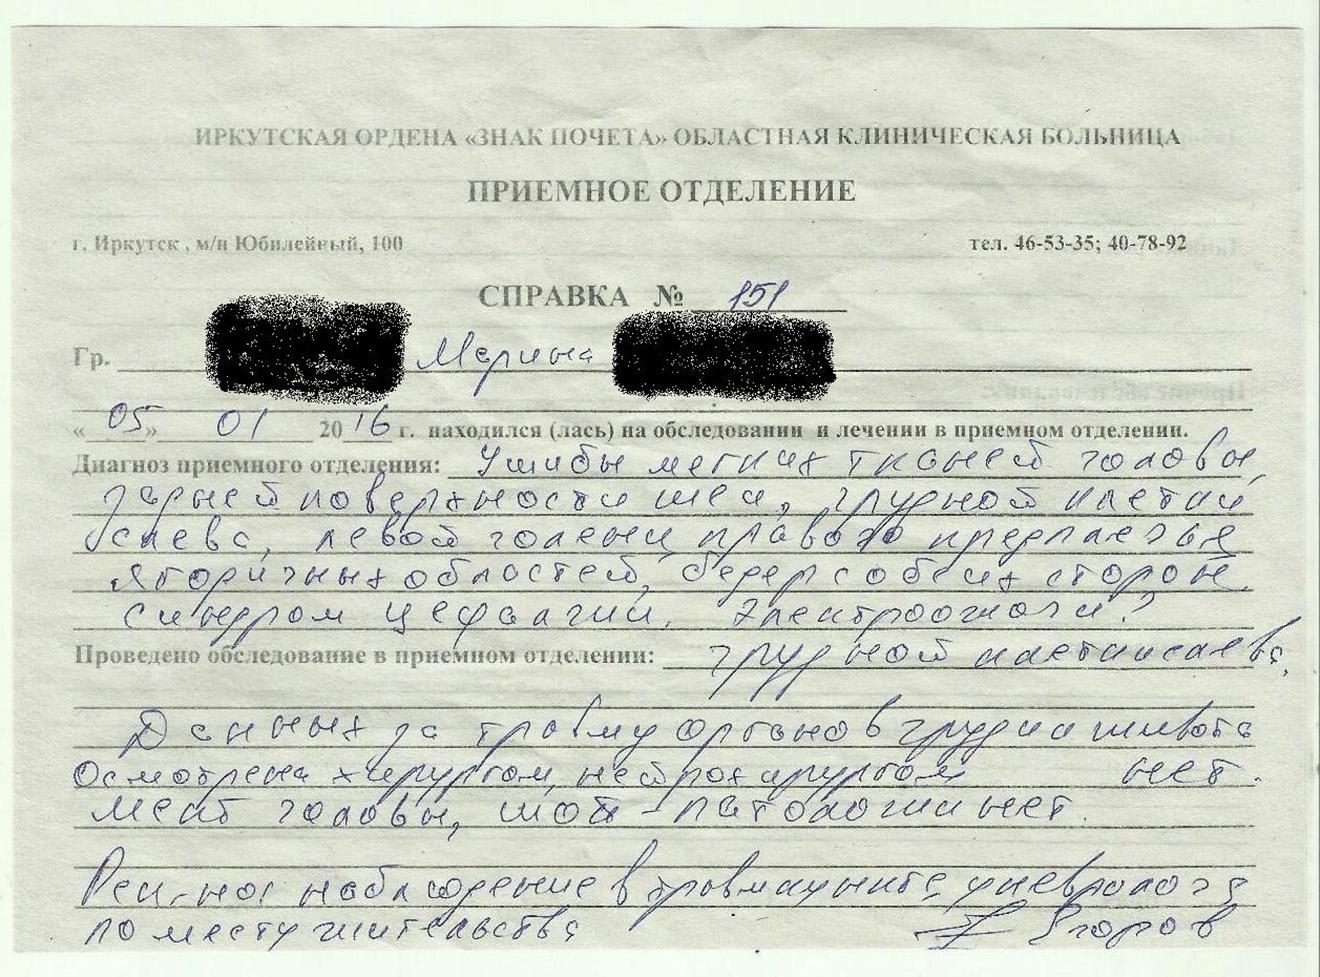 Справка о побоях, выданная Марине в больнице.